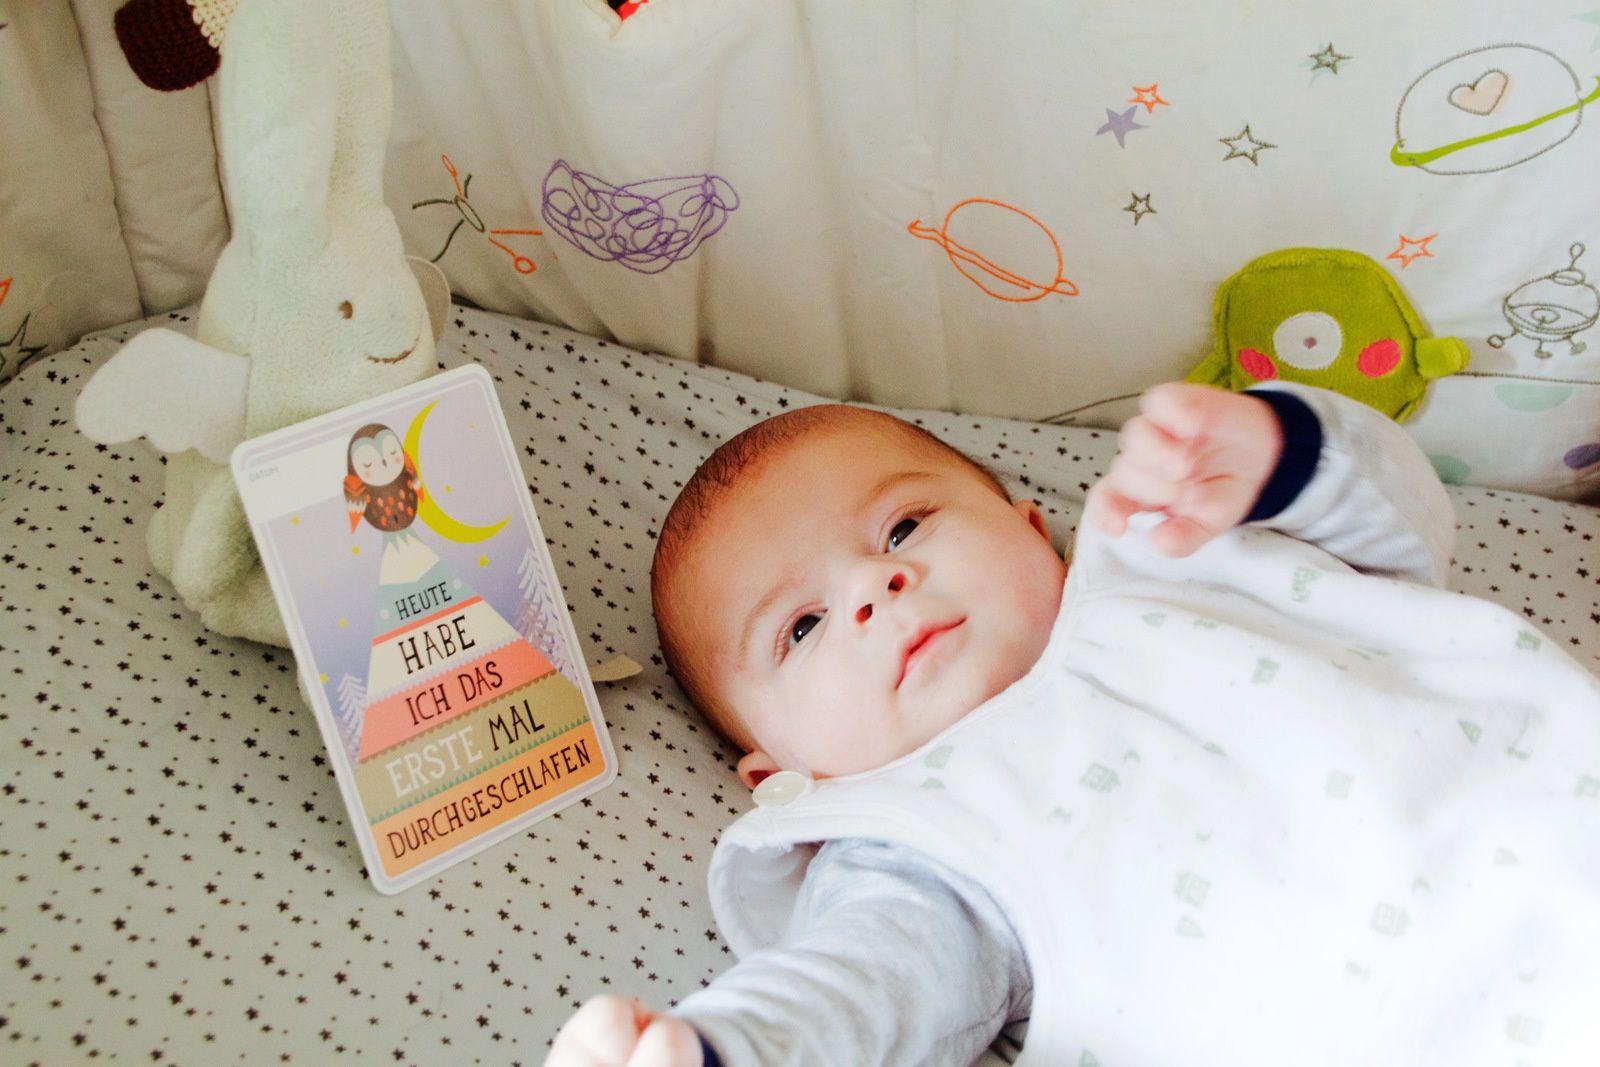 """William le grand frère tout fier (Premier carton """"j'ai fait ma première nuit"""", puis """"j'ai 10 semaines"""")."""